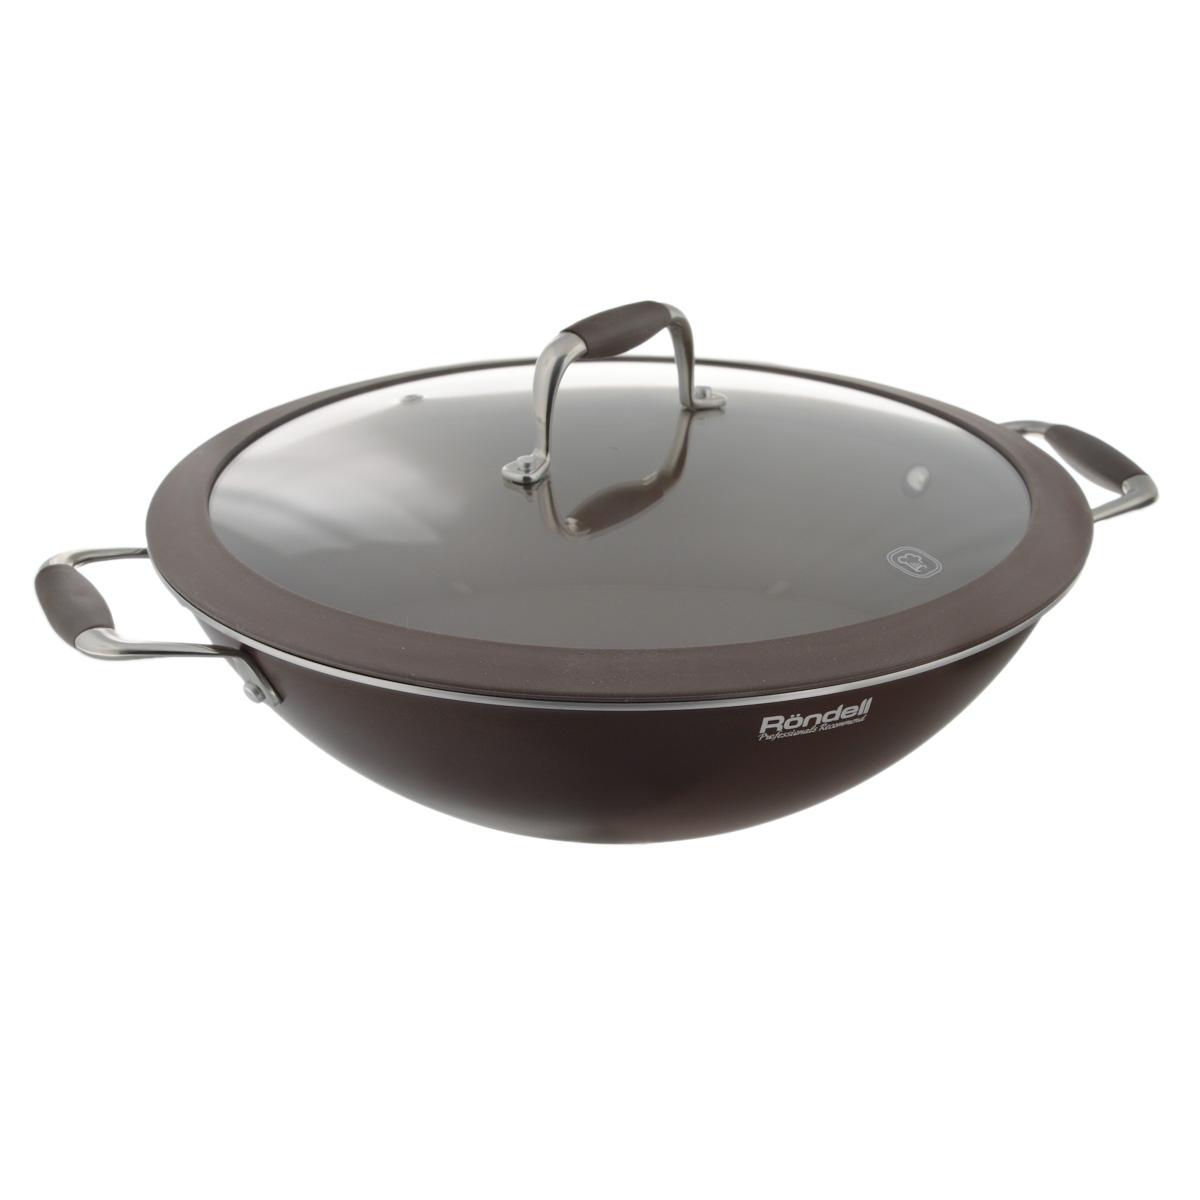 Сковорода-вок Rondell Mocco с крышкой, с антипригарным покрытием. Диаметр 32 см крышка rondell mocco диаметр 28 см